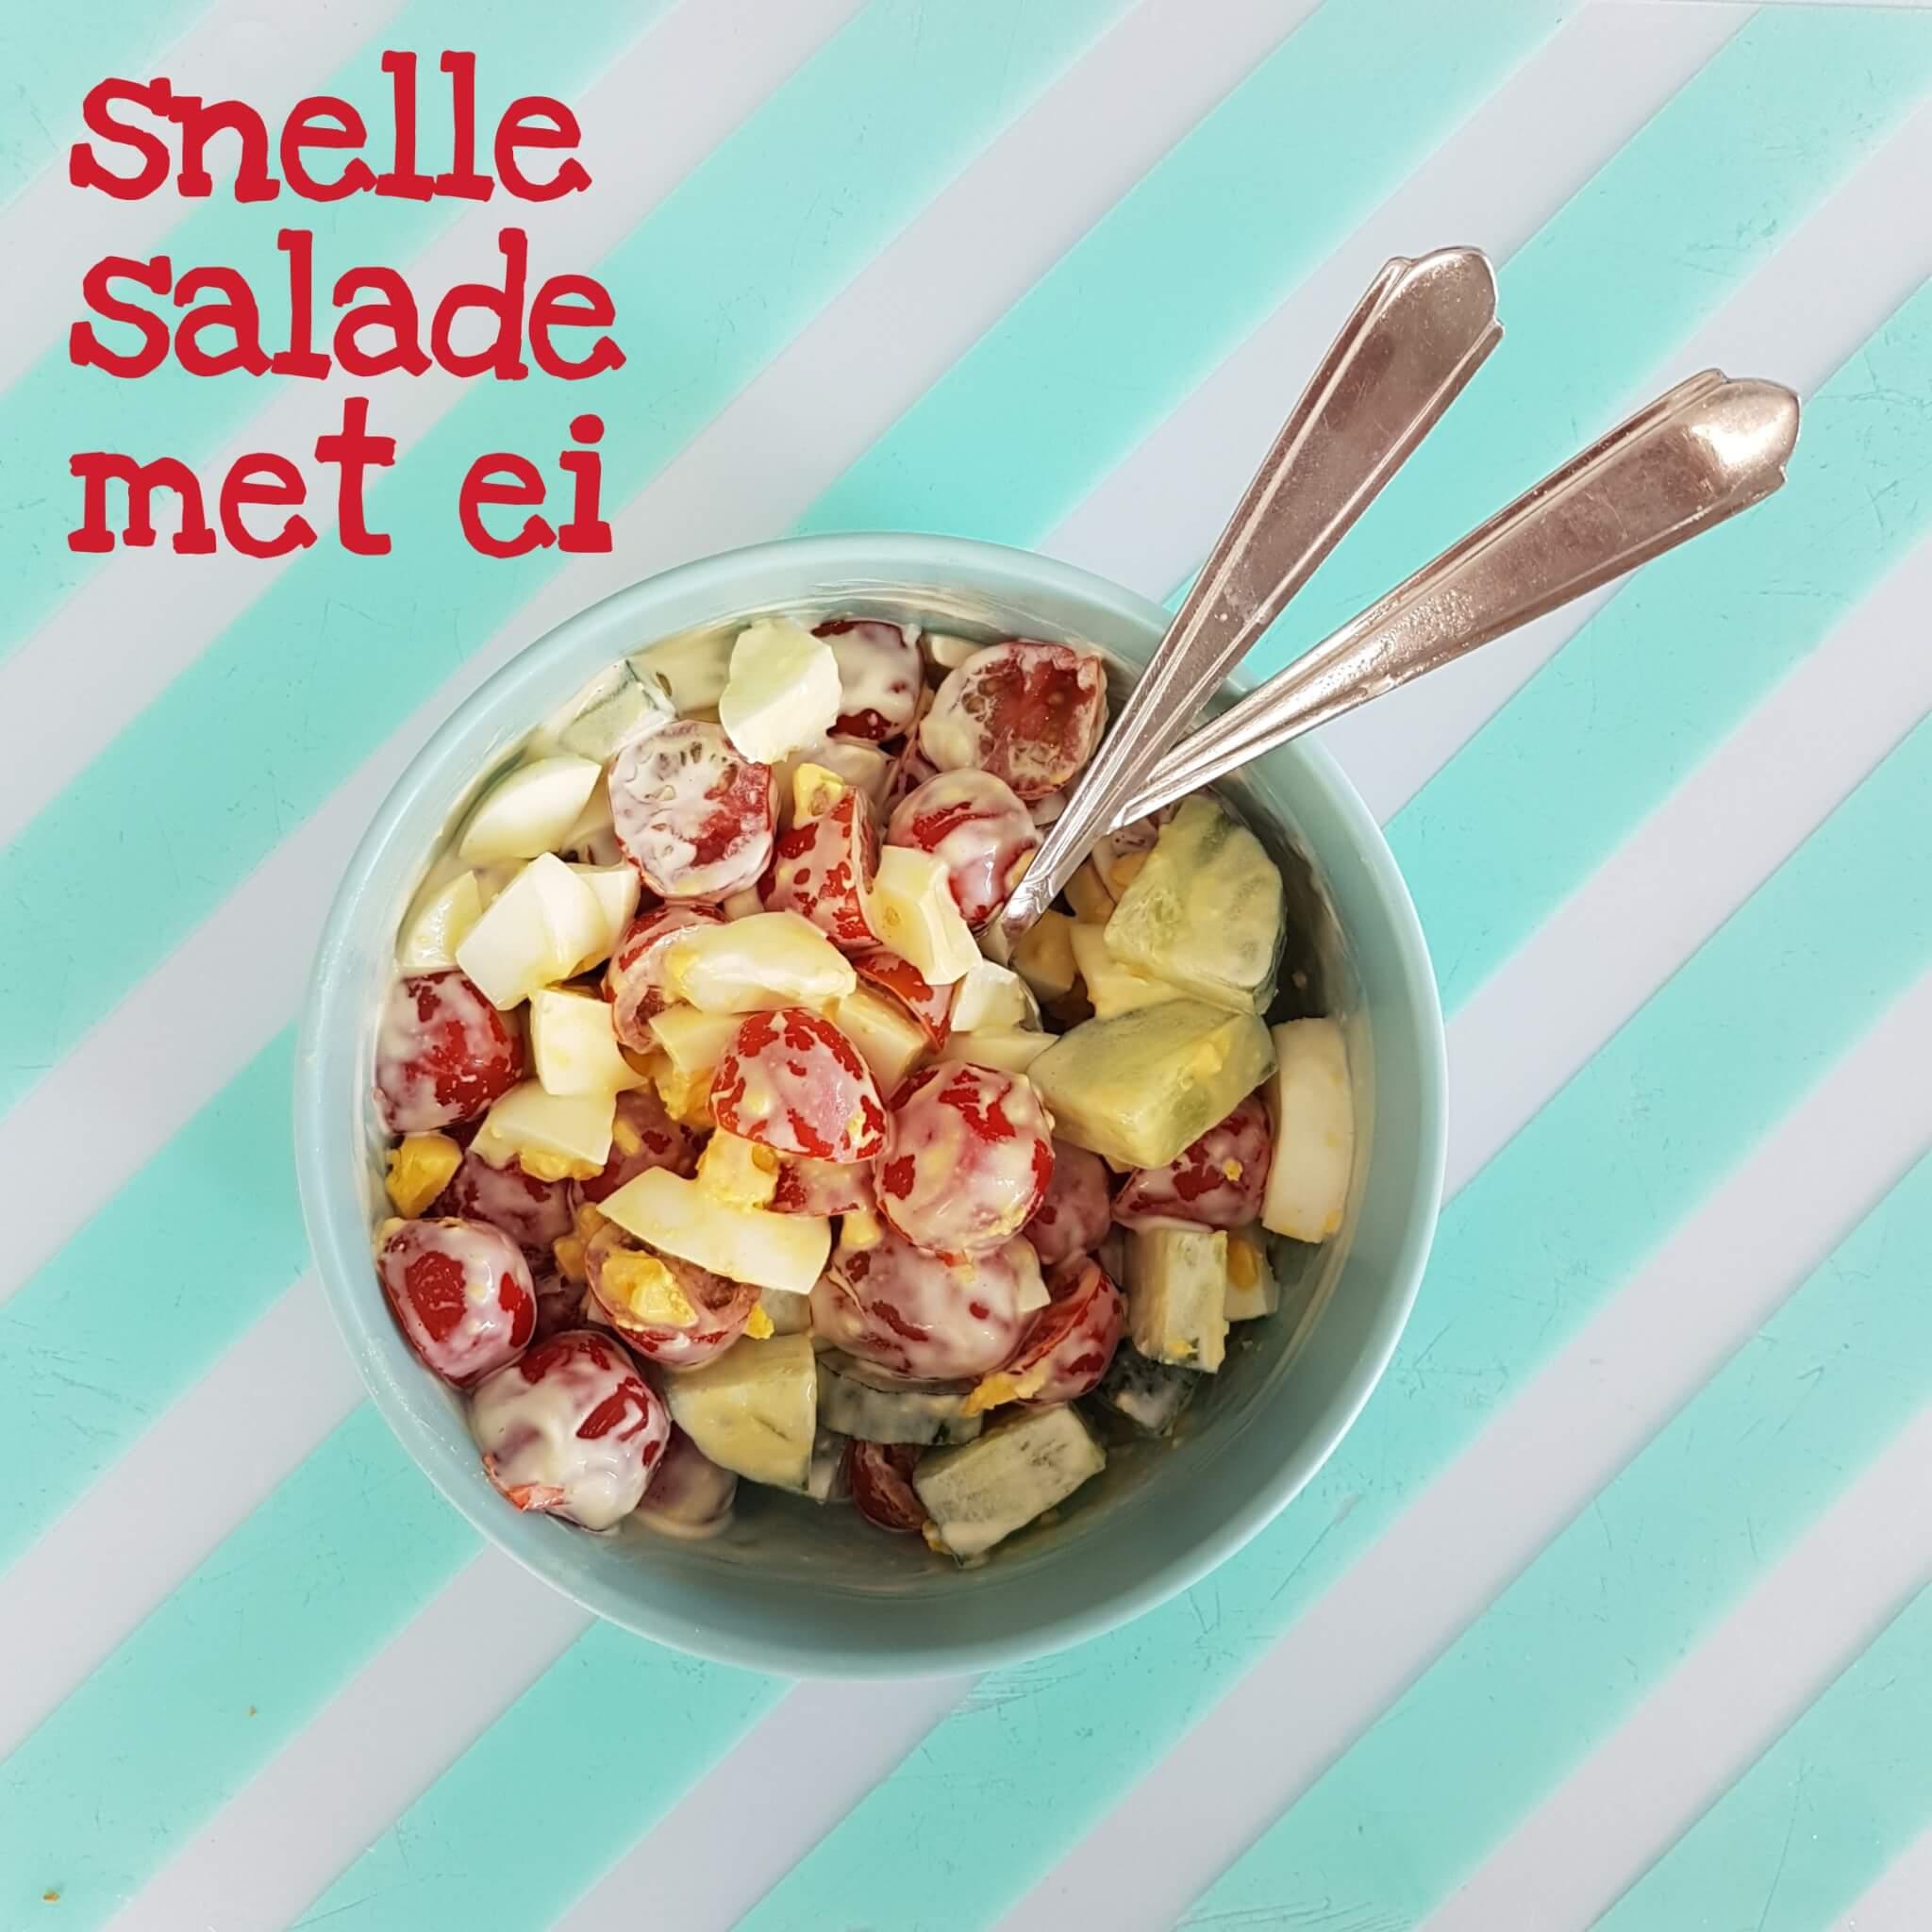 Recept voor snelle zomerse eiersalade, voor vakantie of thuis #leukmetkids #recept #kinderen